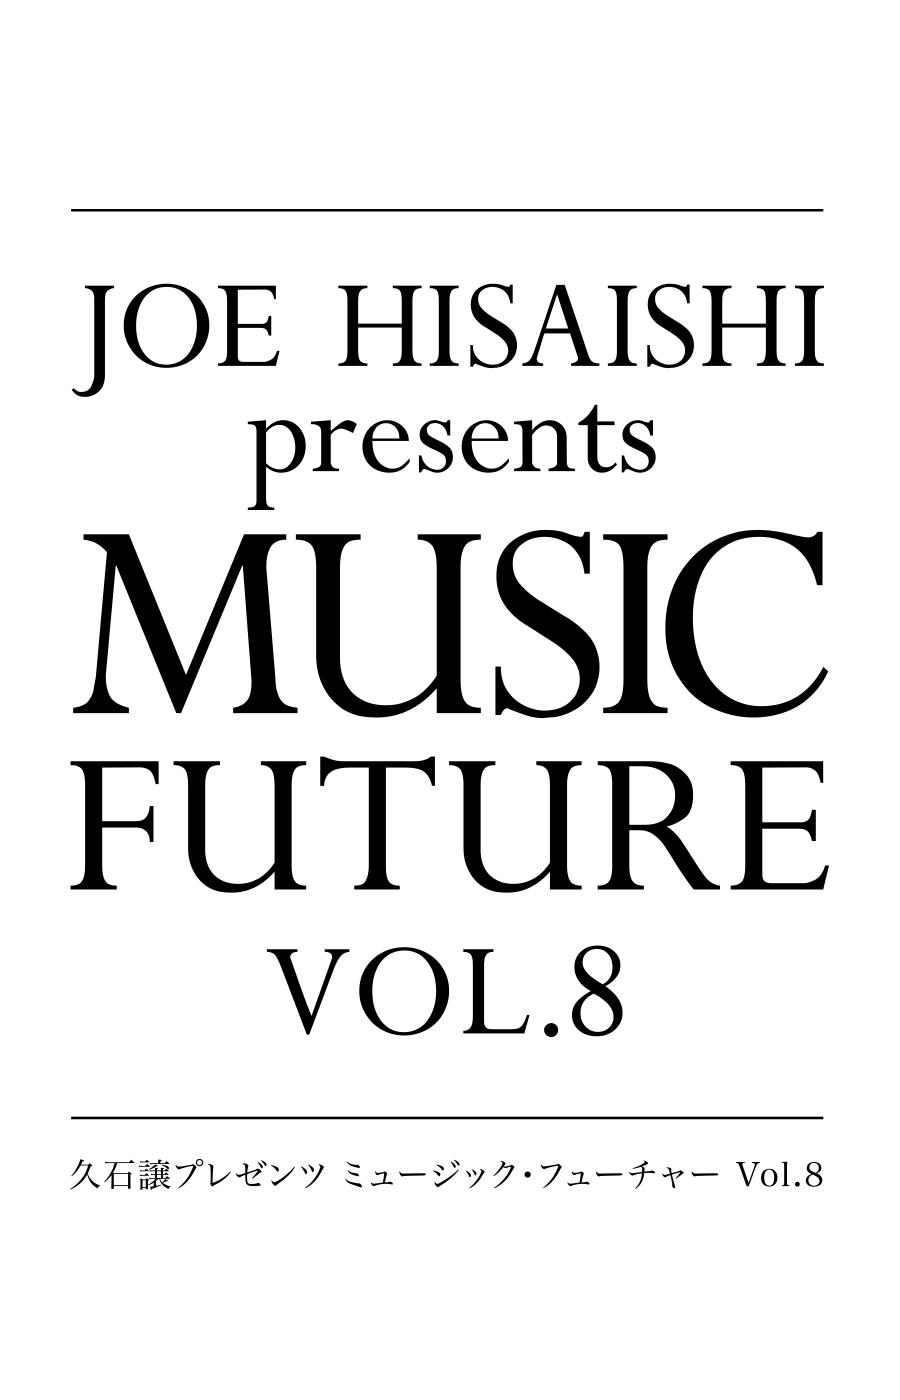 久石譲プレゼンツ ミュージック・フューチャーVol.8